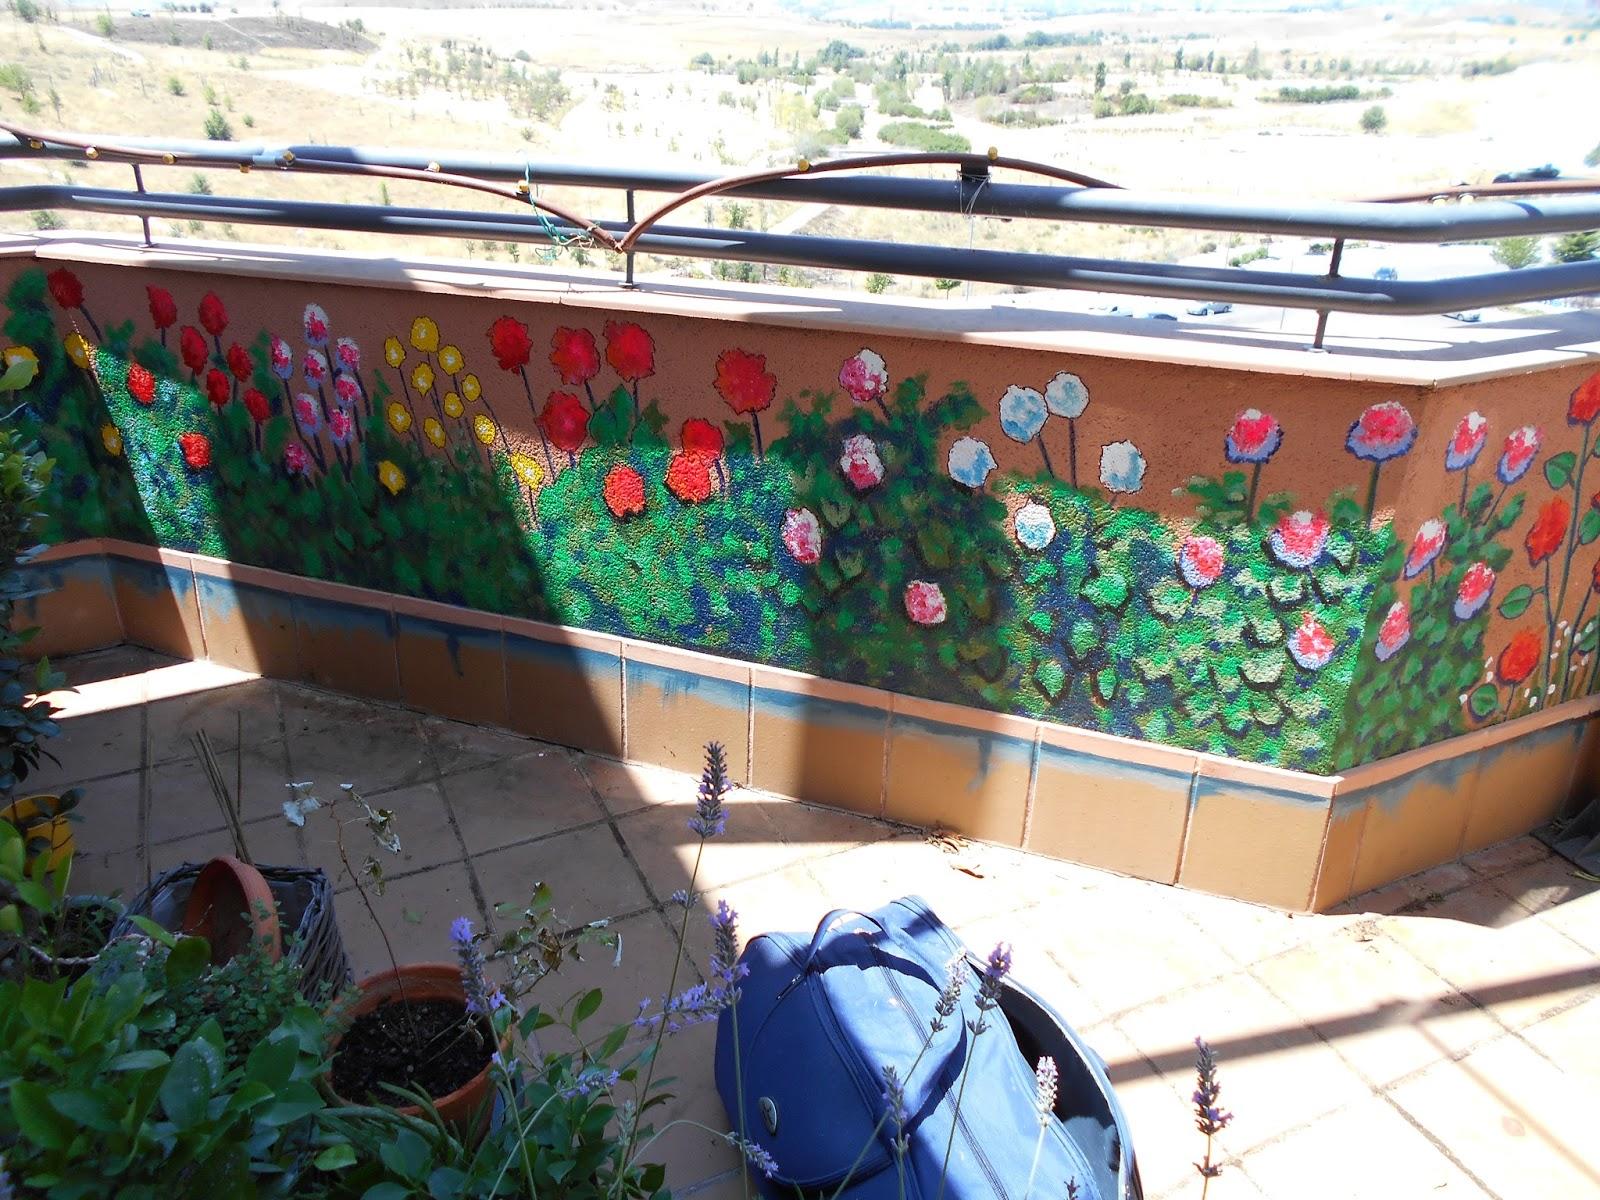 109 pintura mural en terraza dibujando arte - Pintar terraza ...